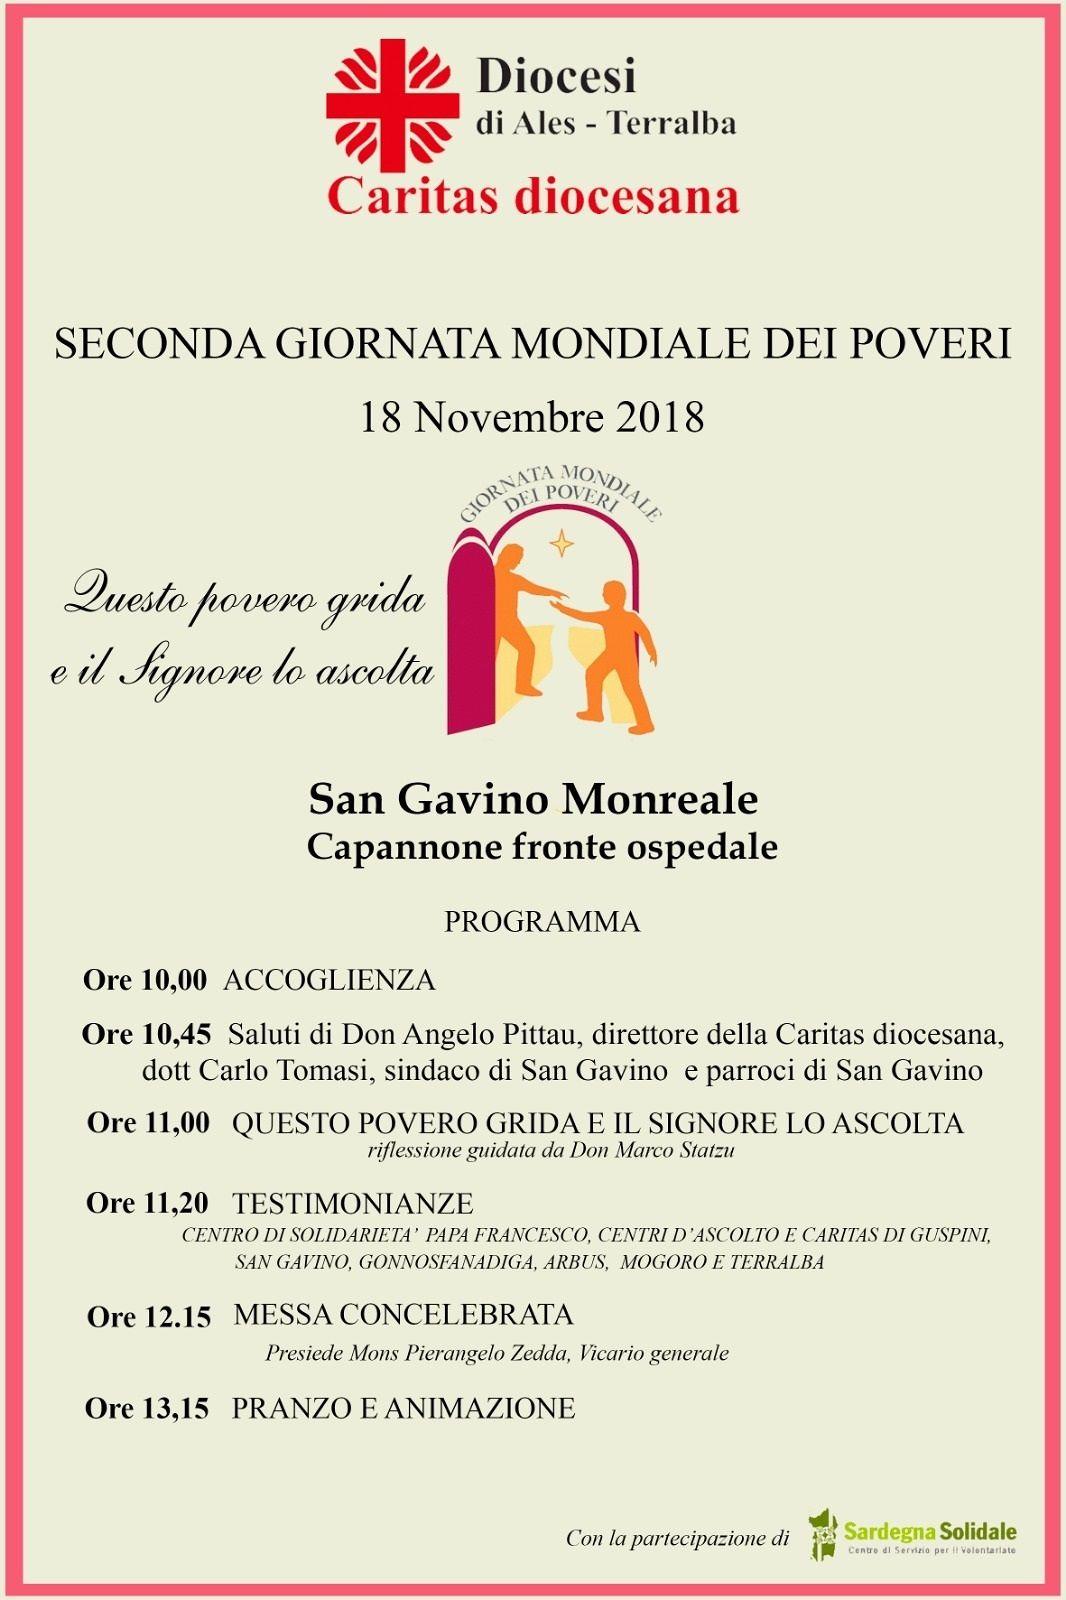 San Gavino, si celebra la Seconda Giornata Mondiale dei Poveri